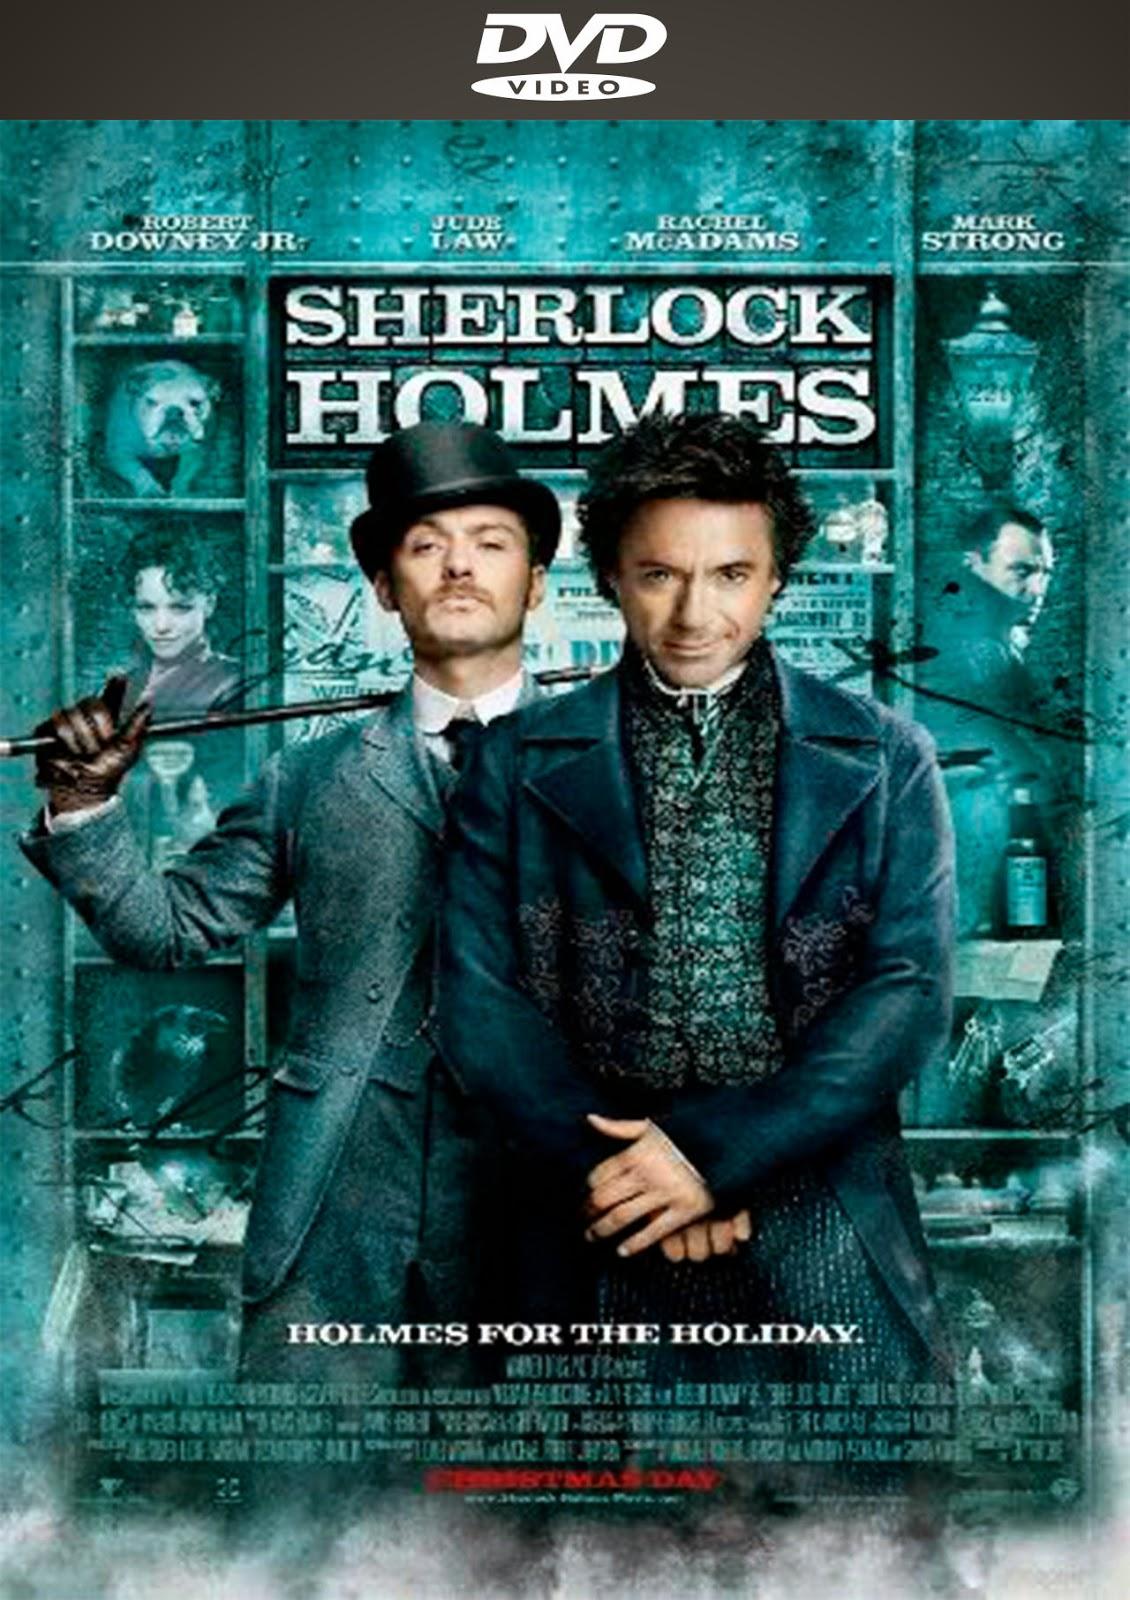 Sherlock Holmes [2009] [Latino] [DVD Full]